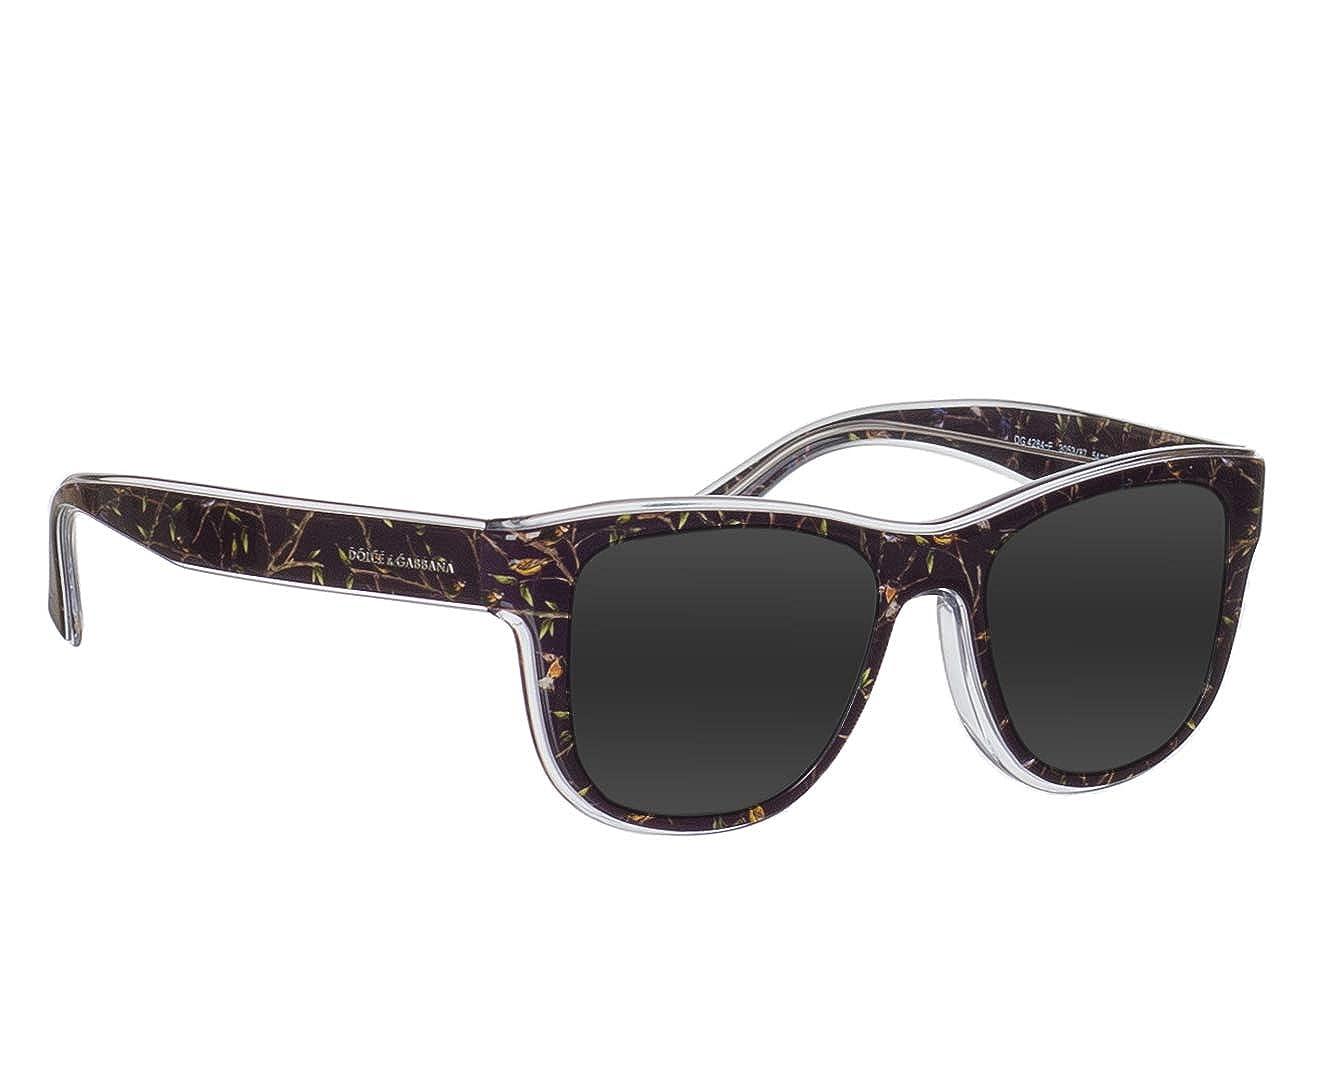 Amazon.com: Dolce & Gabbana dg4284 F de los hombres anteojos ...